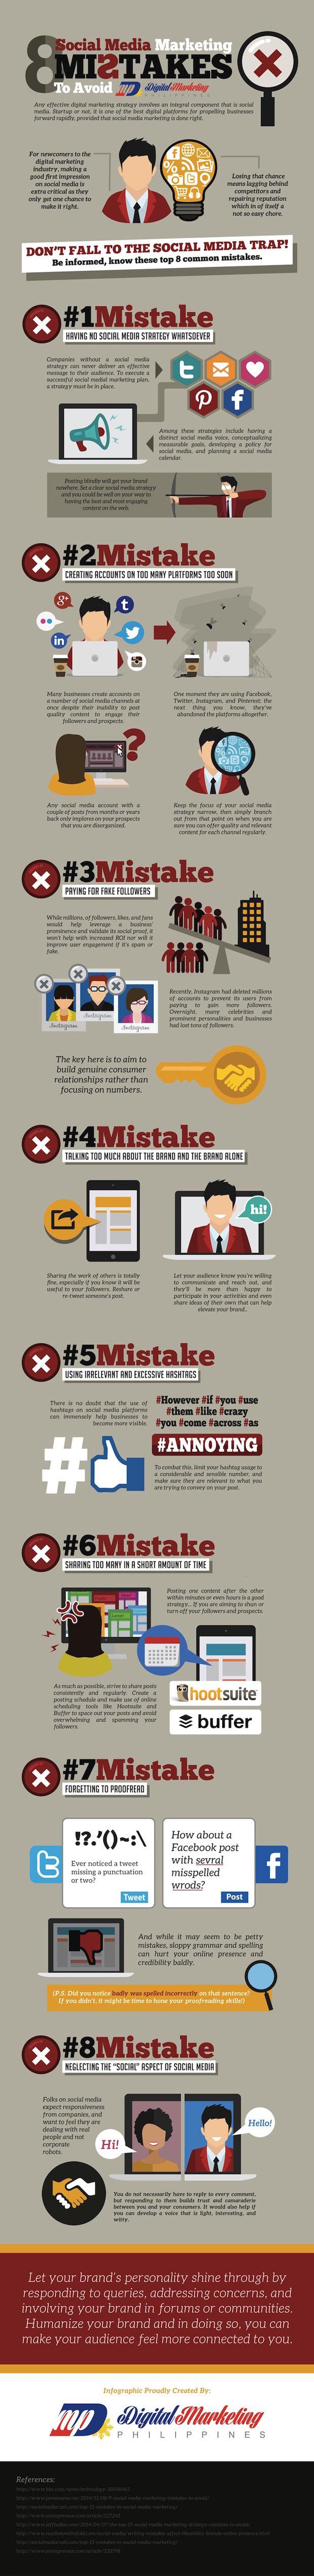 8_fouten die je niet moet maken op het gebied van social Marketing